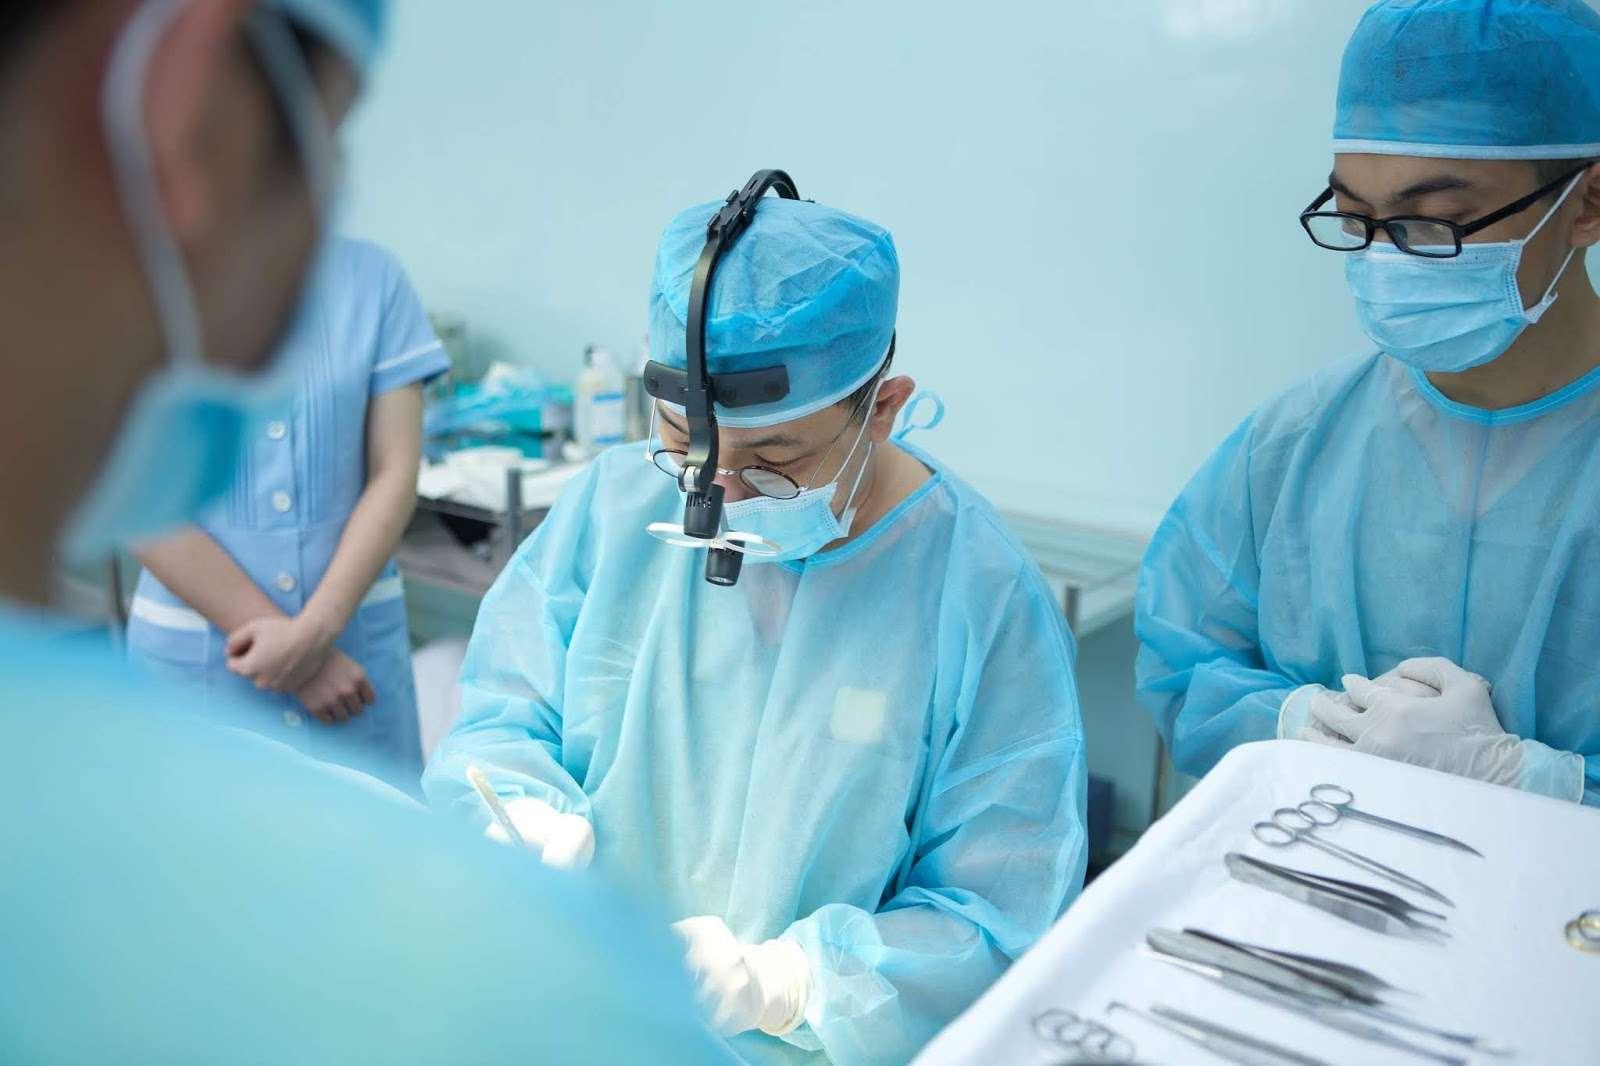 Mổ tuyến tiền liệt là chỉ định ngoại khoa khi diều trị bằng thuốc không có hiệu quả. Giải phẫu tuyến tiền liệt là bệnh rất phổ biến ở nam giới tuổi trung niên